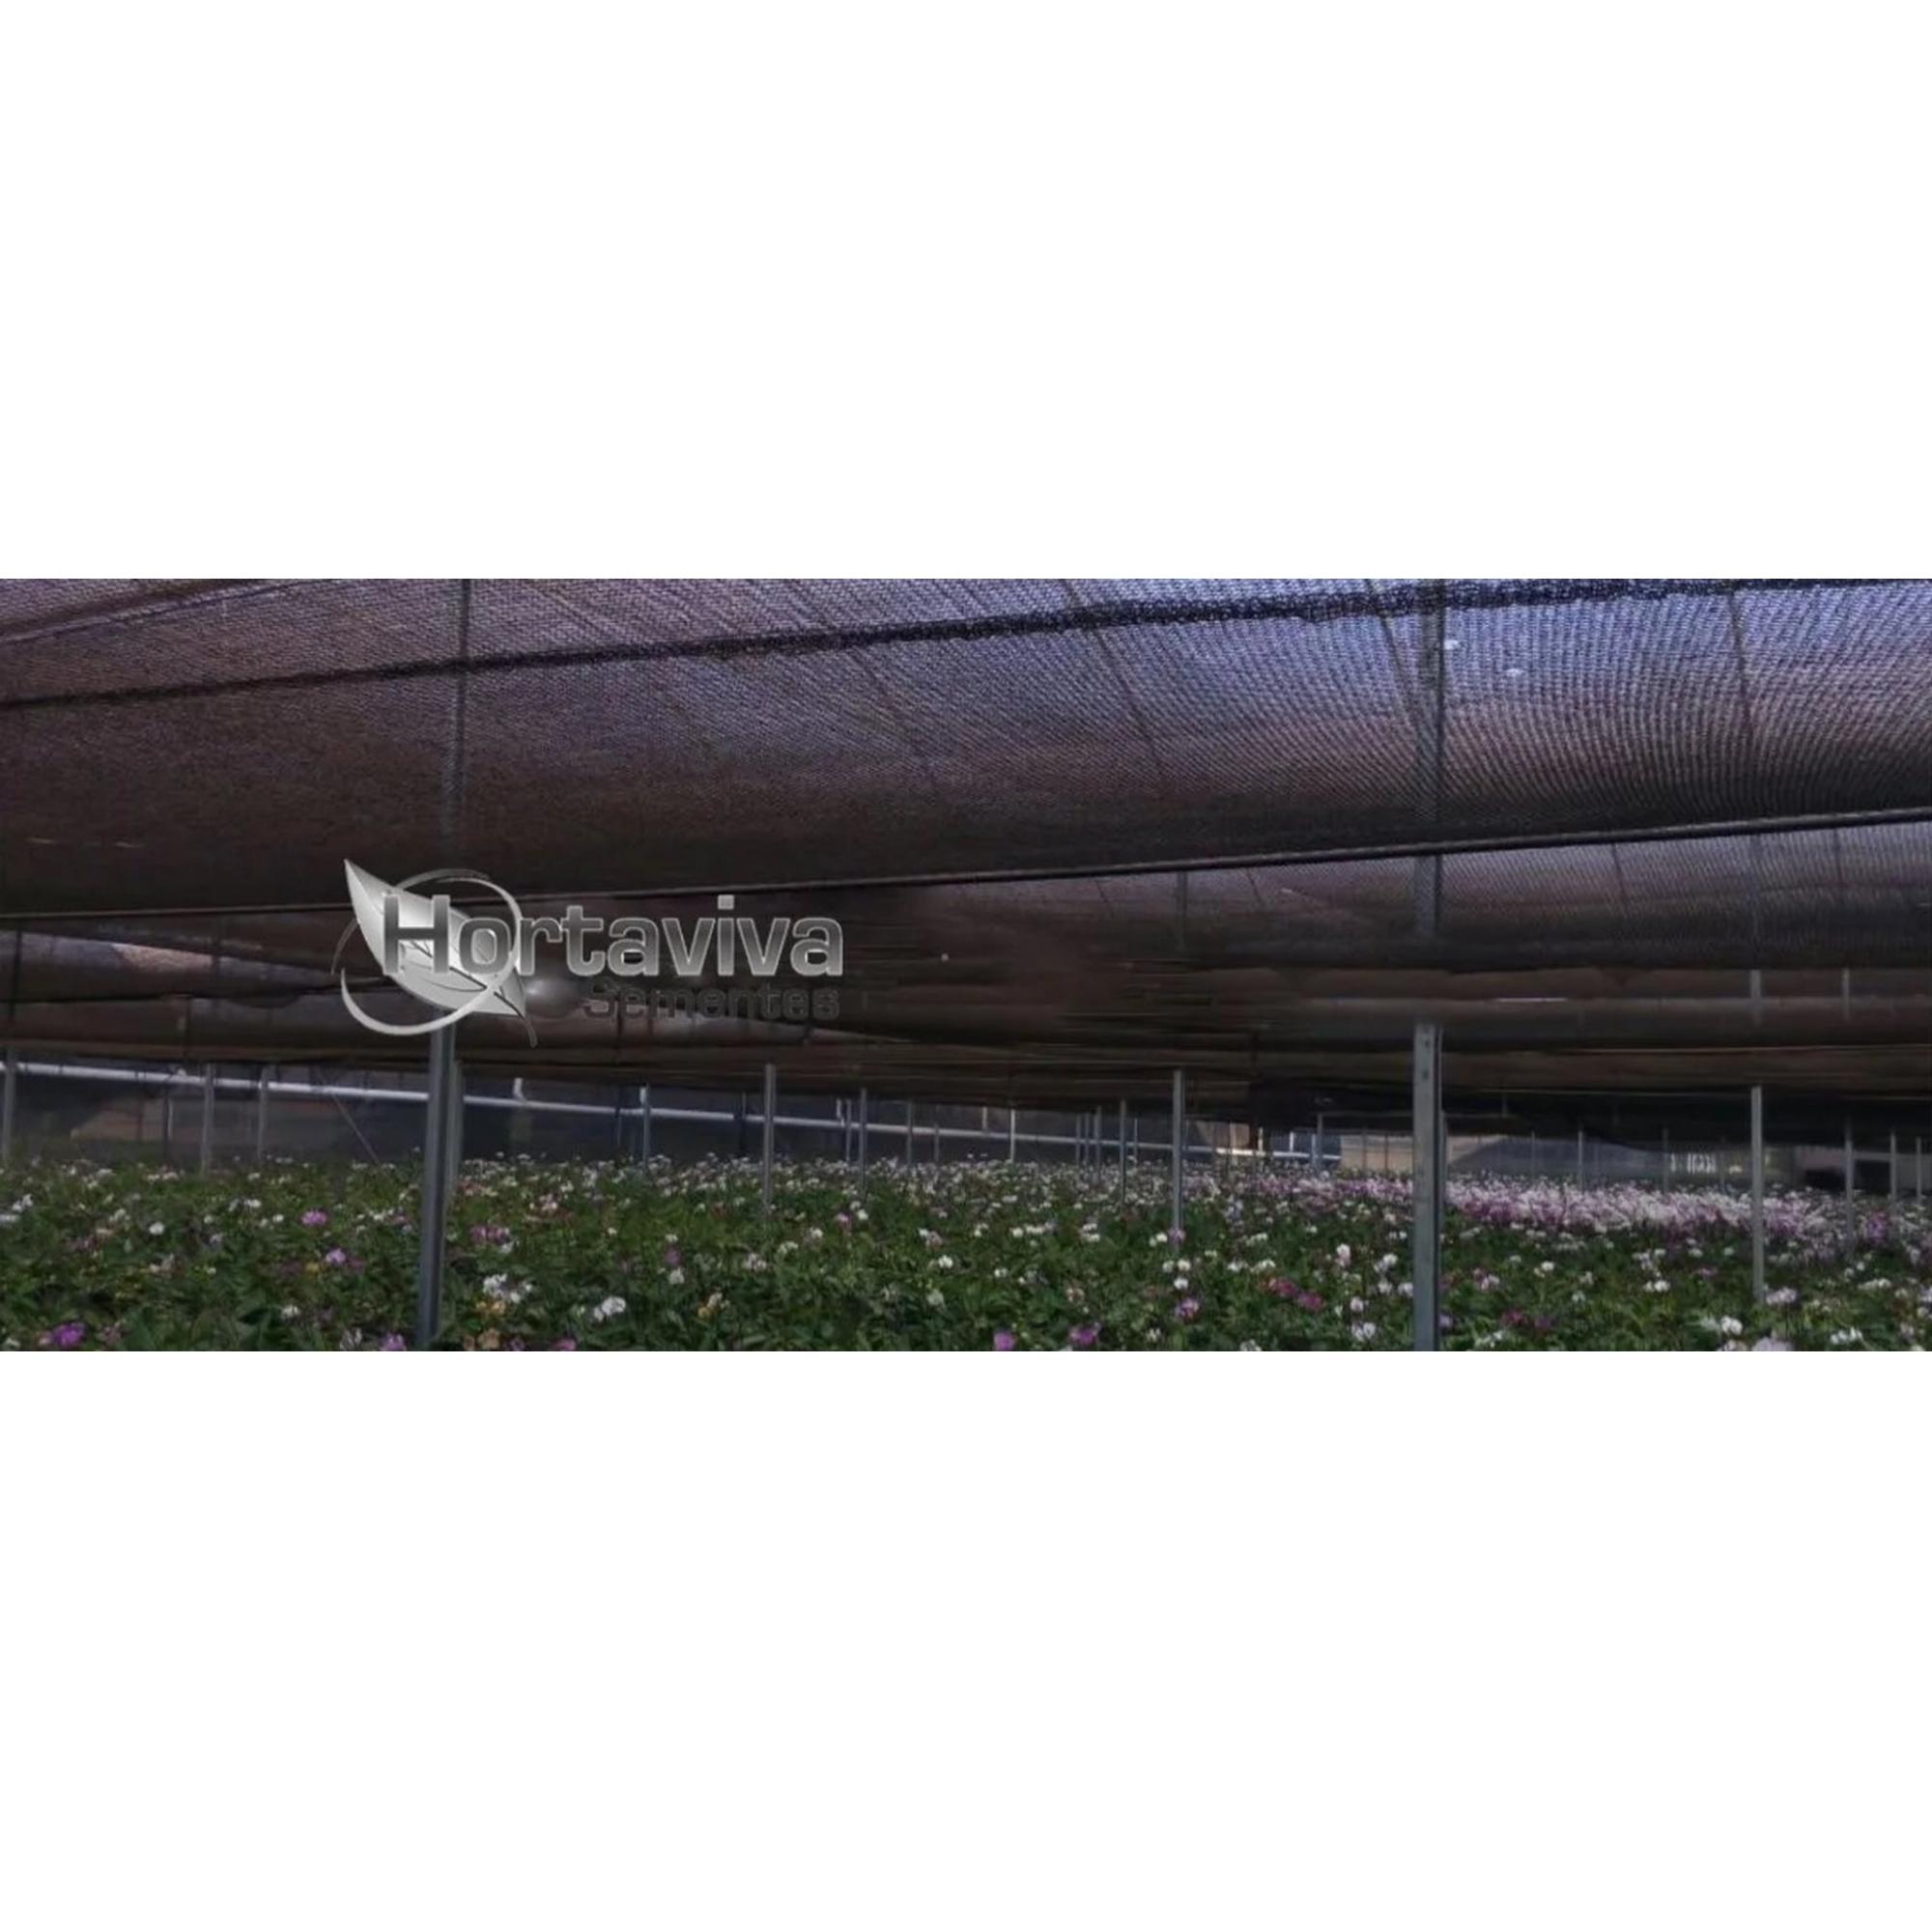 Tela de Sombreamento Preta 50% - 3 Metros x 10 Metros